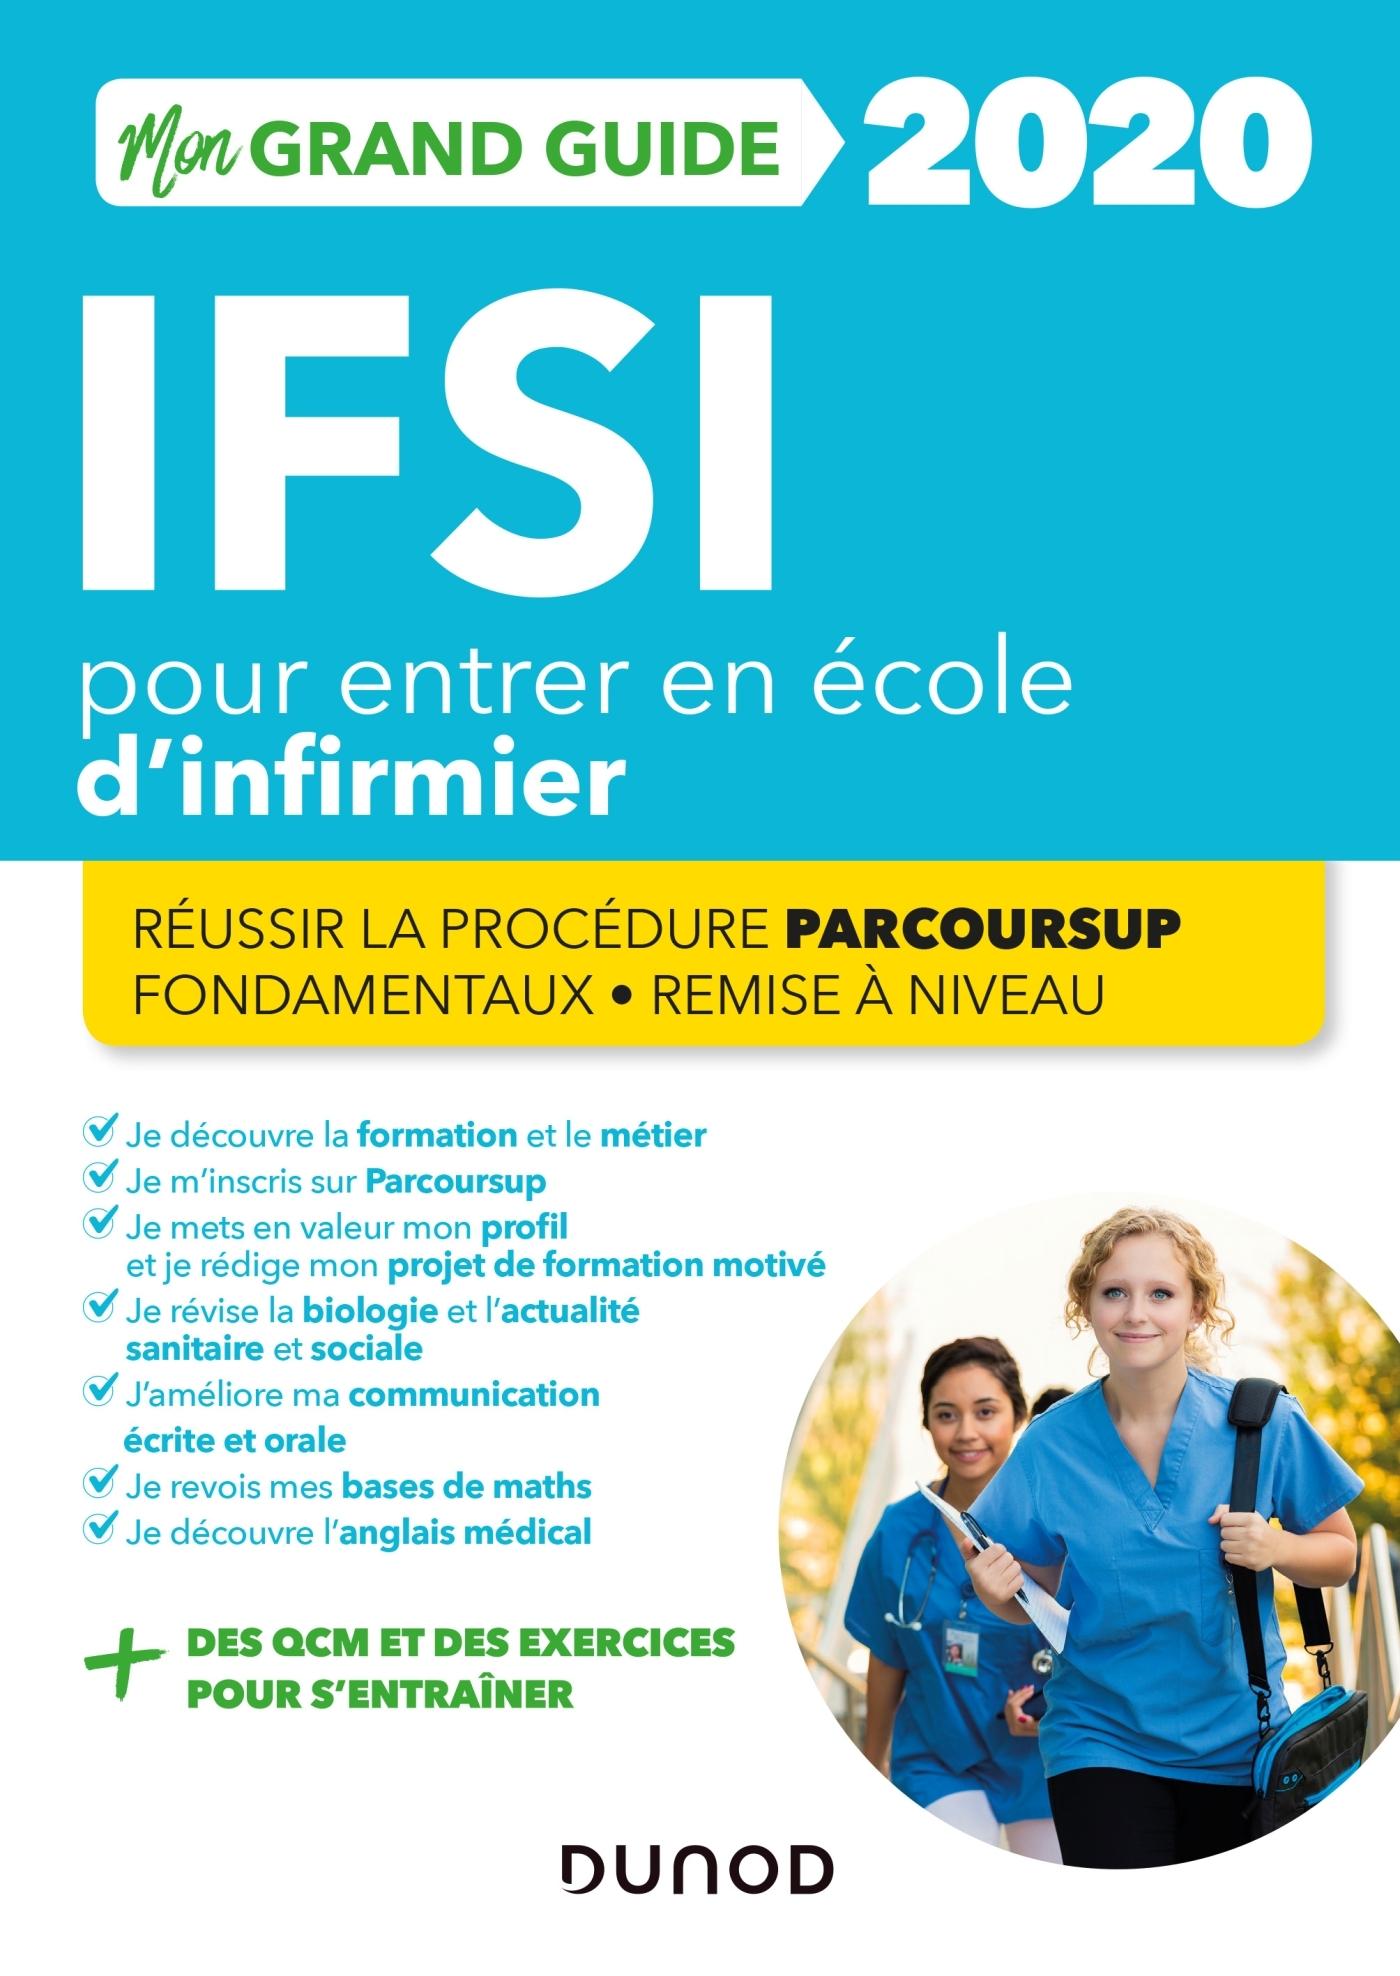 IFSI 2020 MON GRAND GUIDE POUR ENTRER EN ECOLE D'INFIRMIER - REUSSIR LA PROCEDURE PARCOURSUP + FONDA